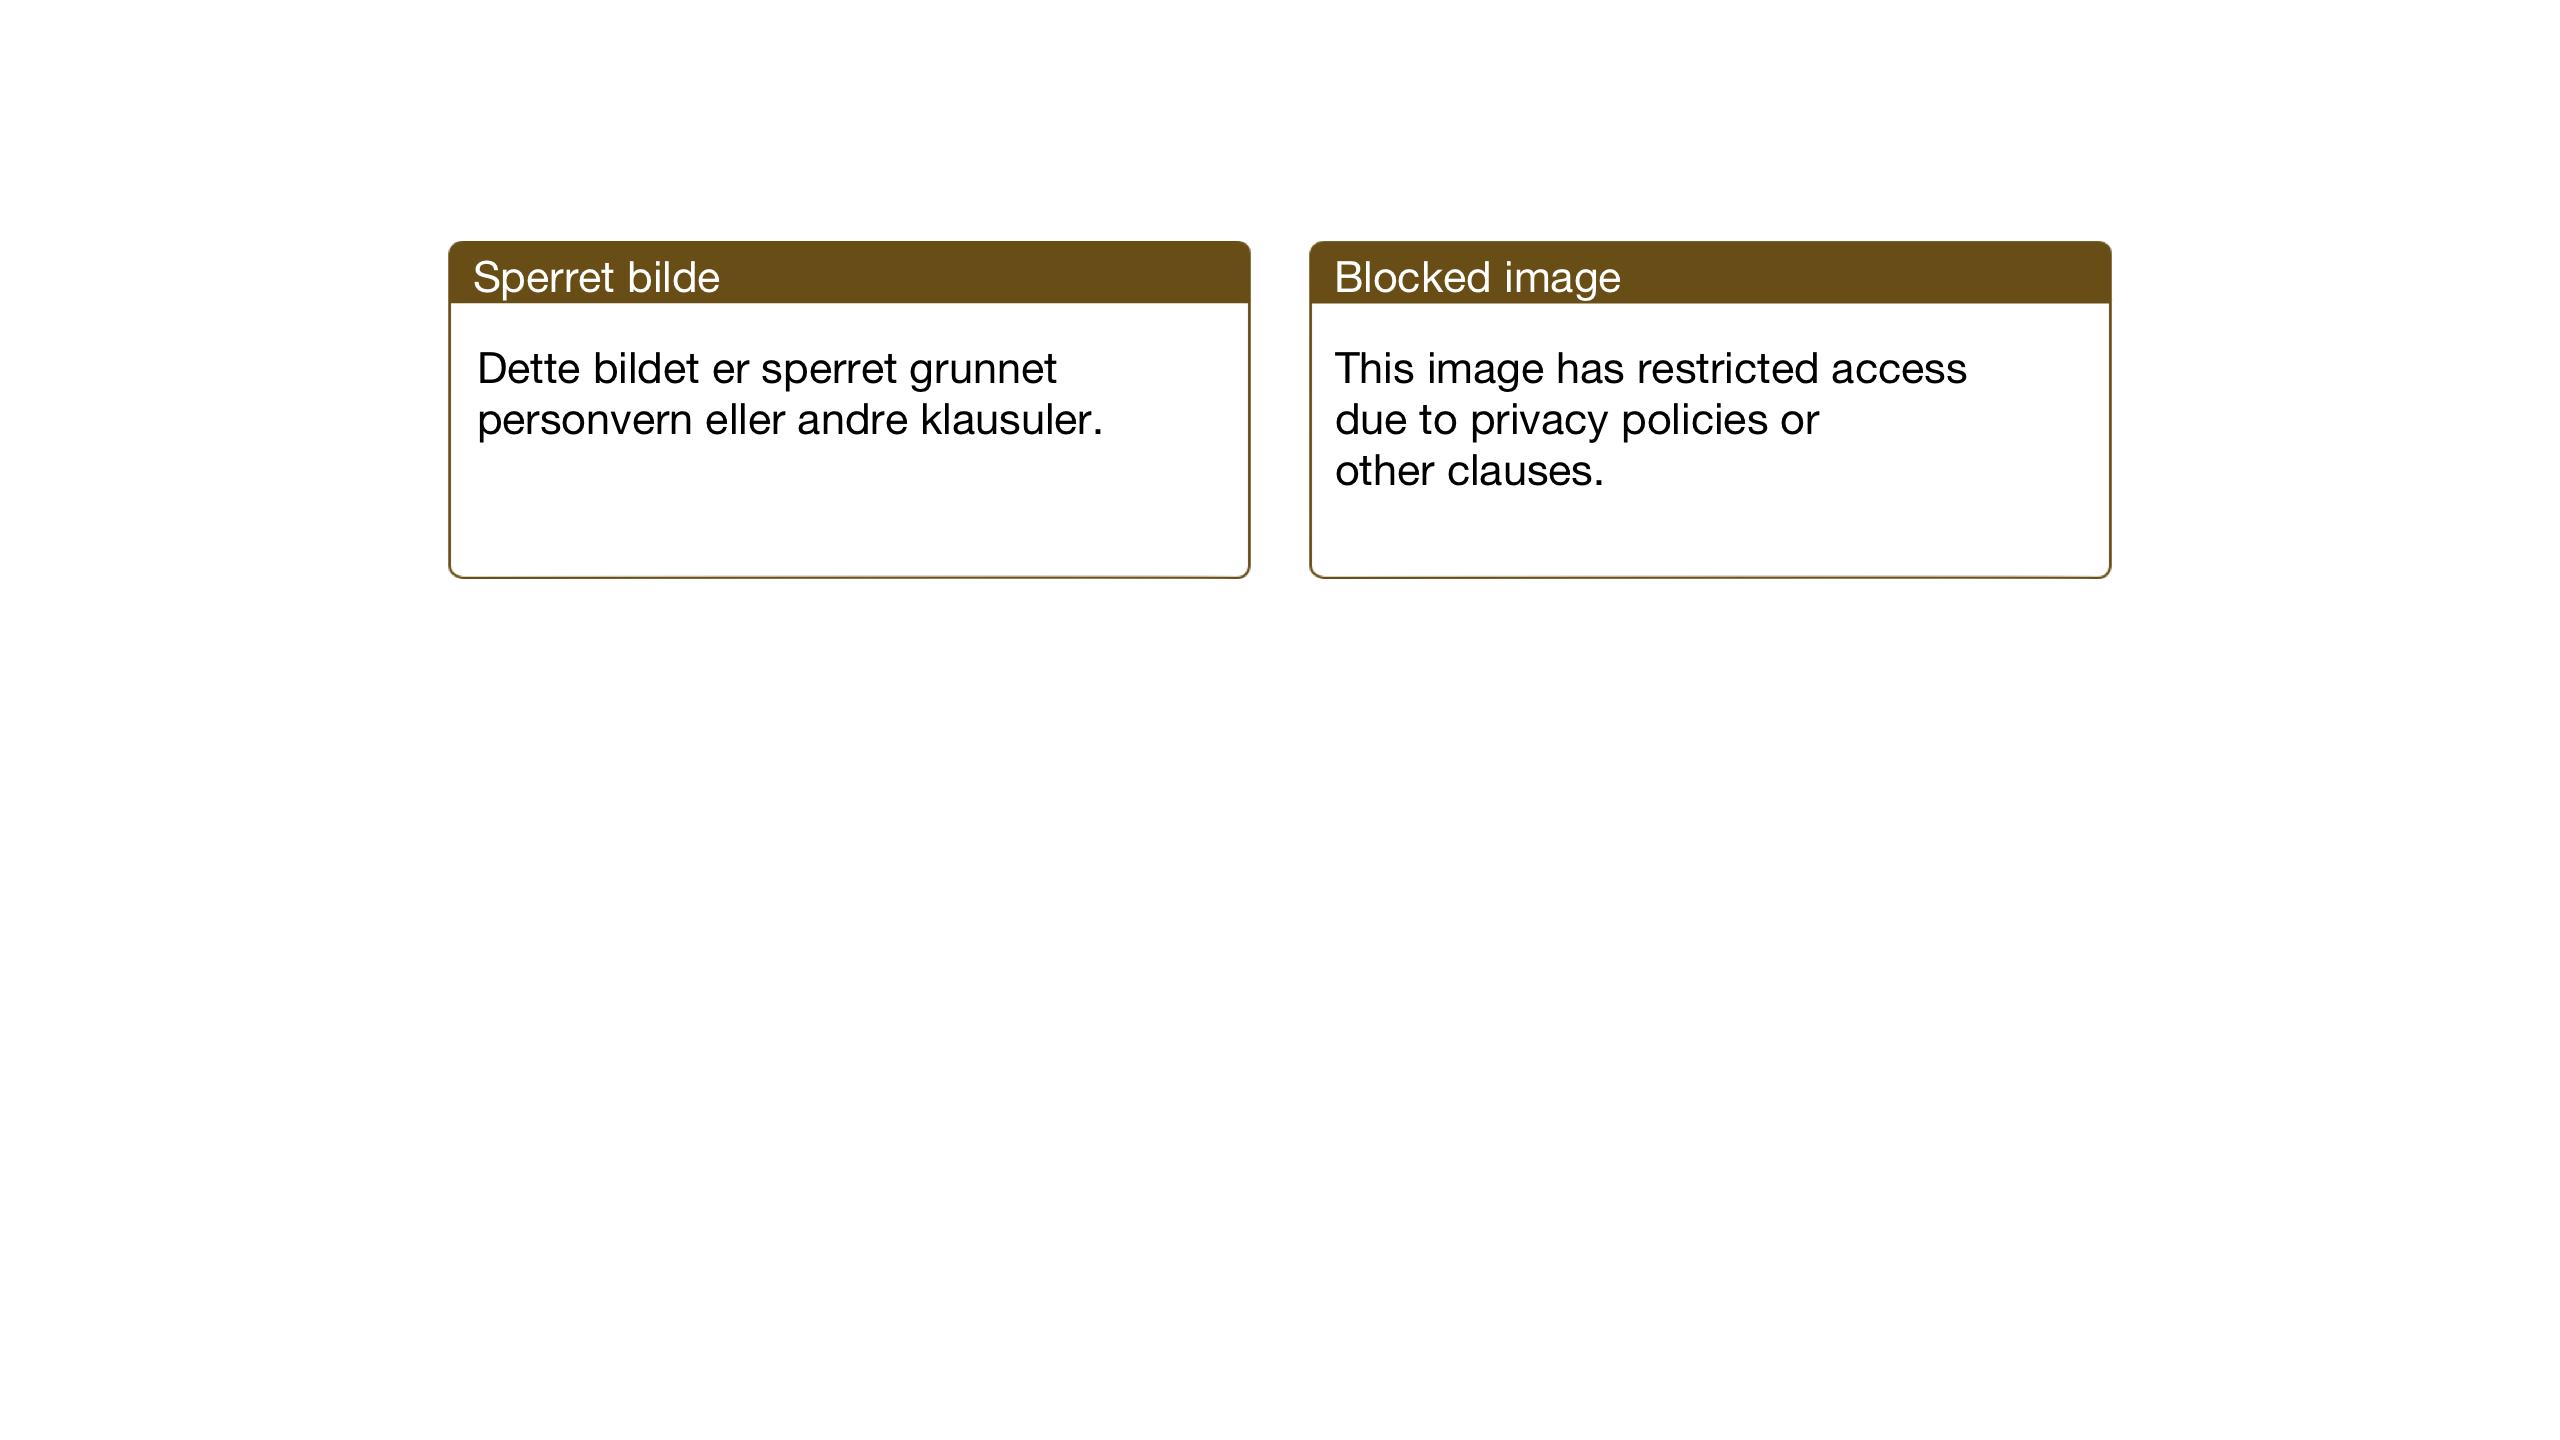 SAT, Ministerialprotokoller, klokkerbøker og fødselsregistre - Sør-Trøndelag, 696/L1161: Klokkerbok nr. 696C01, 1902-1950, s. 88